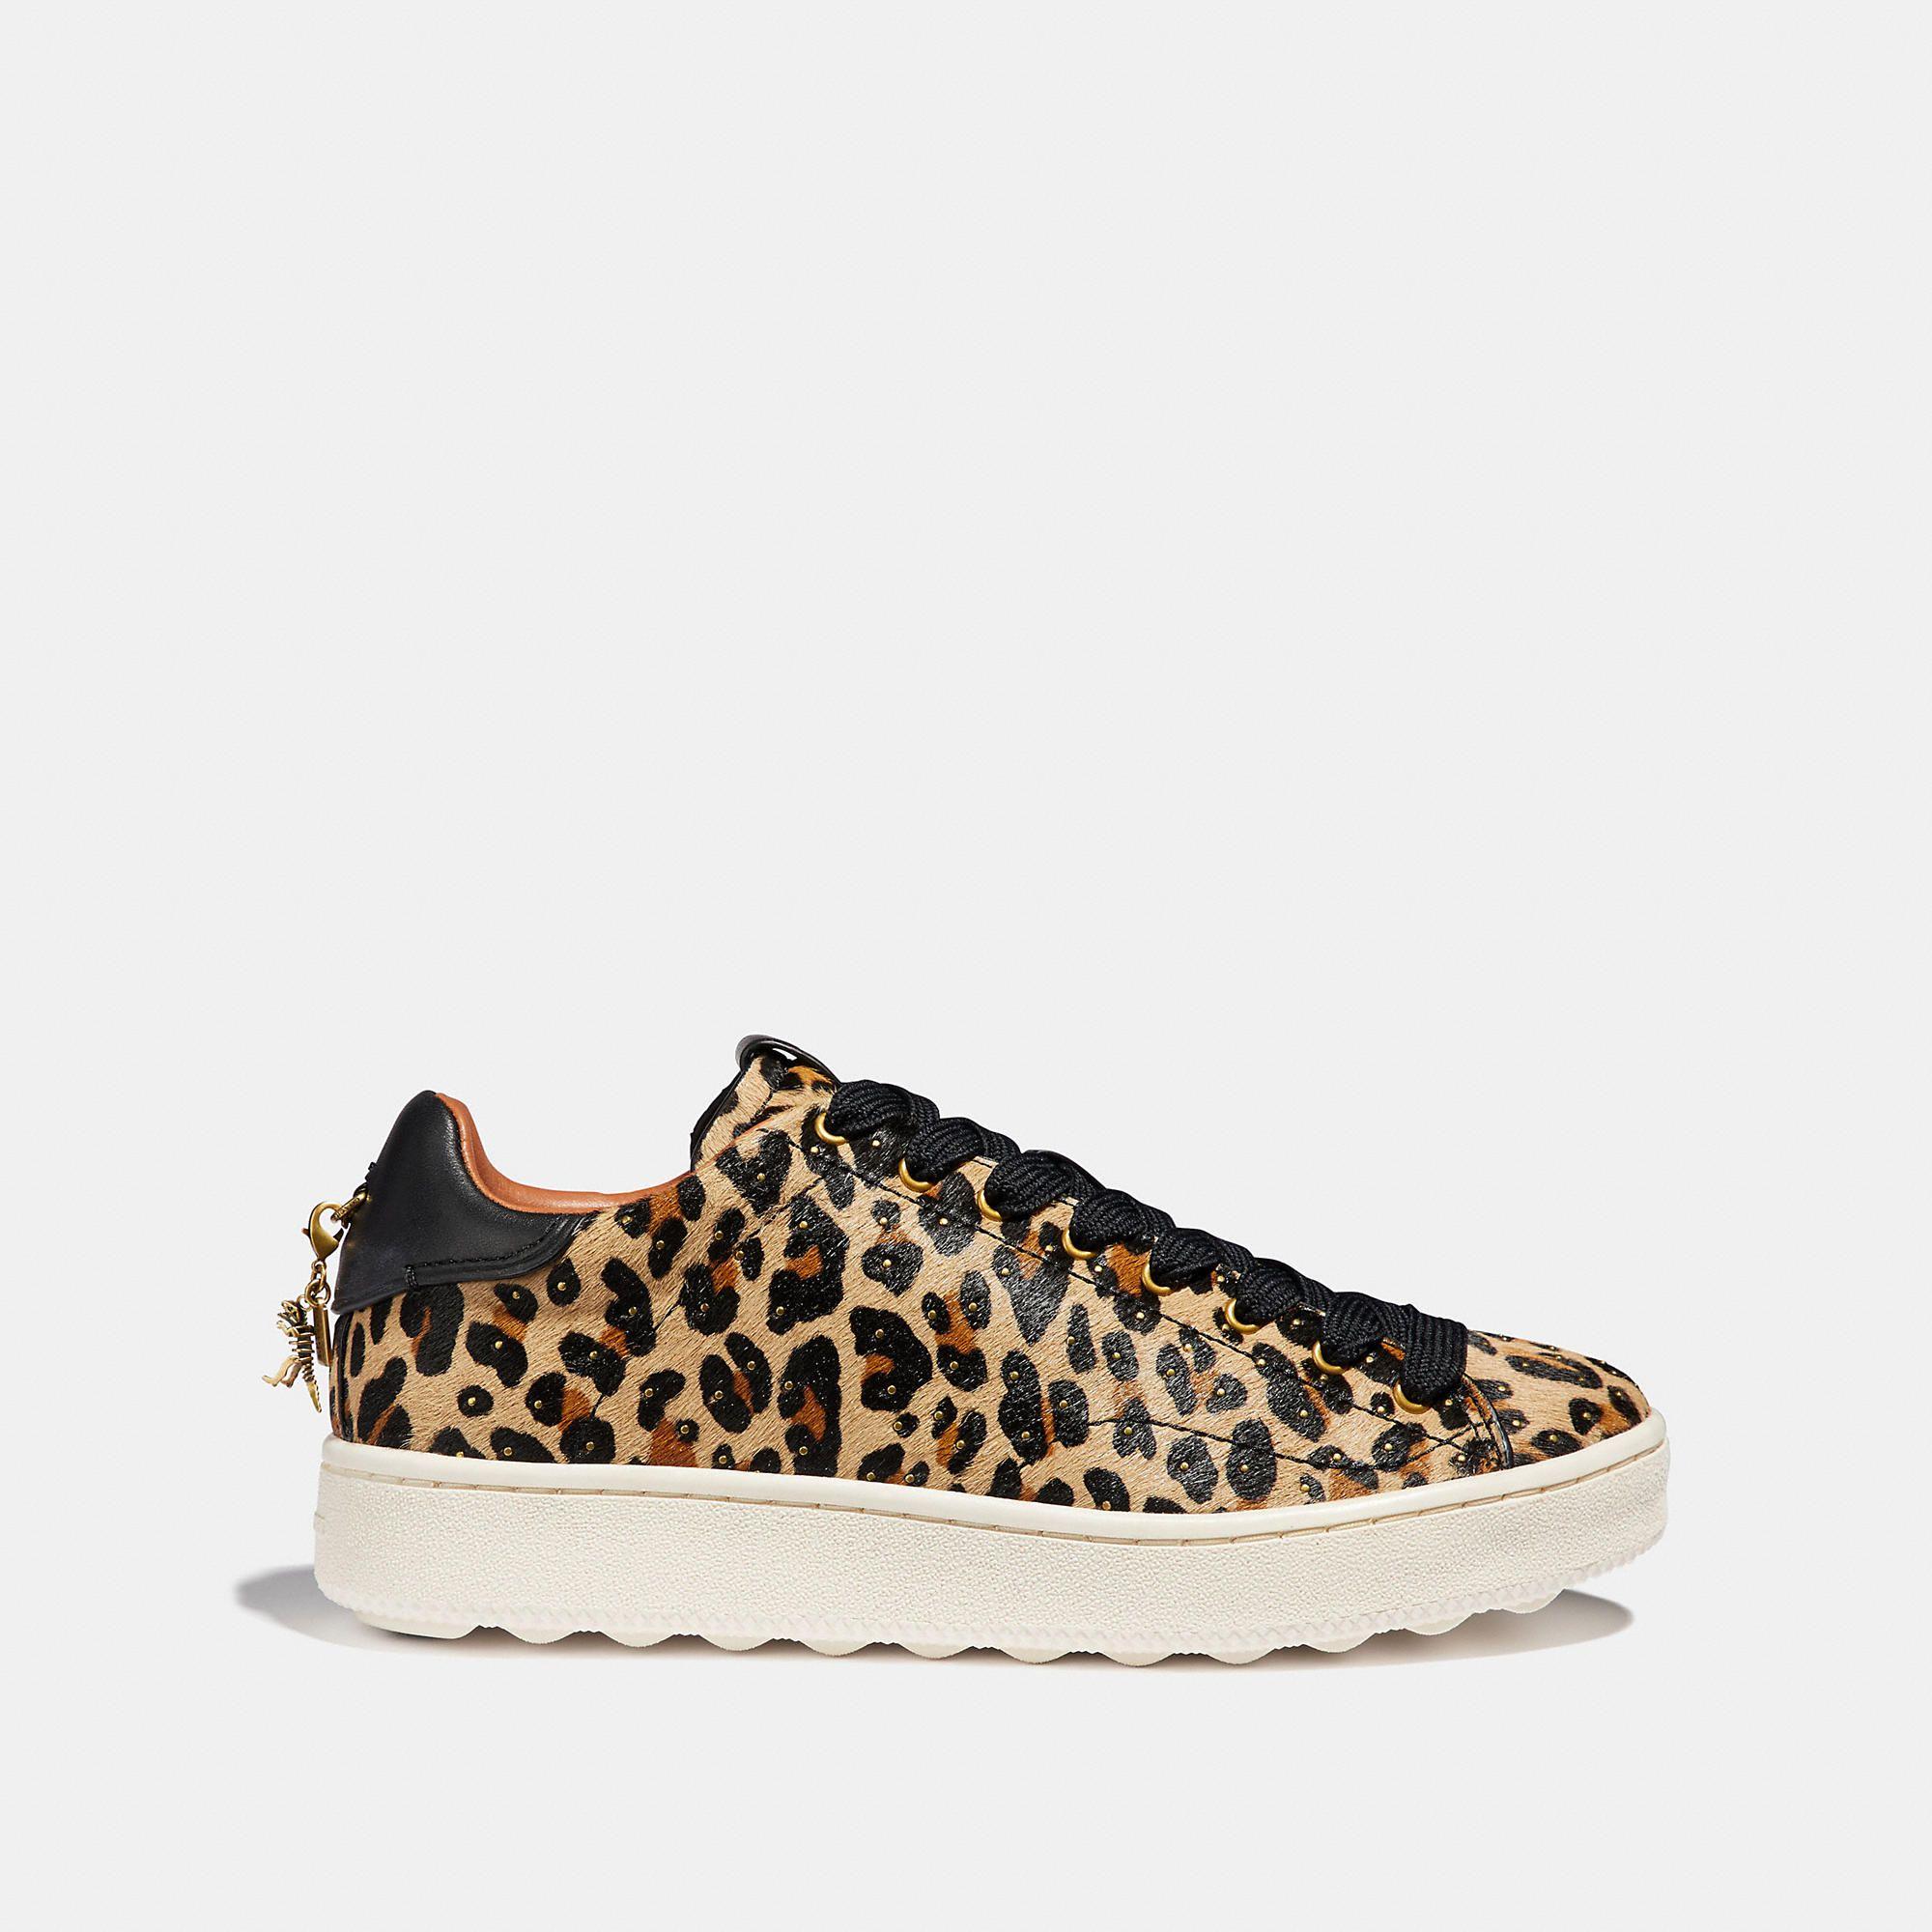 c4526b908 COACH C101 With Leopard Print - Women s Size 7.5 Tennis Shoes